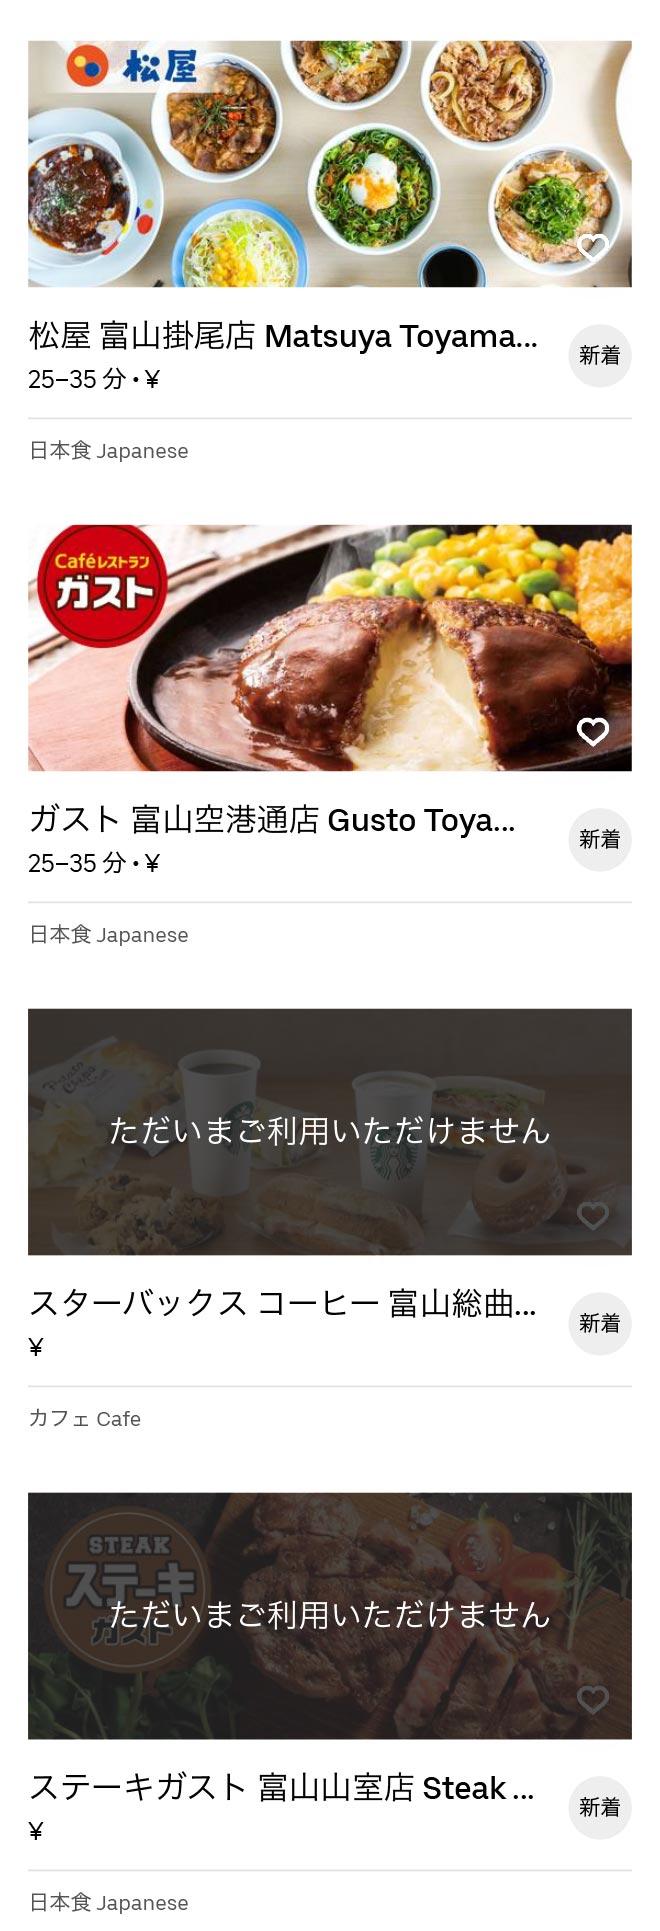 Minami toyama menu 2004 03